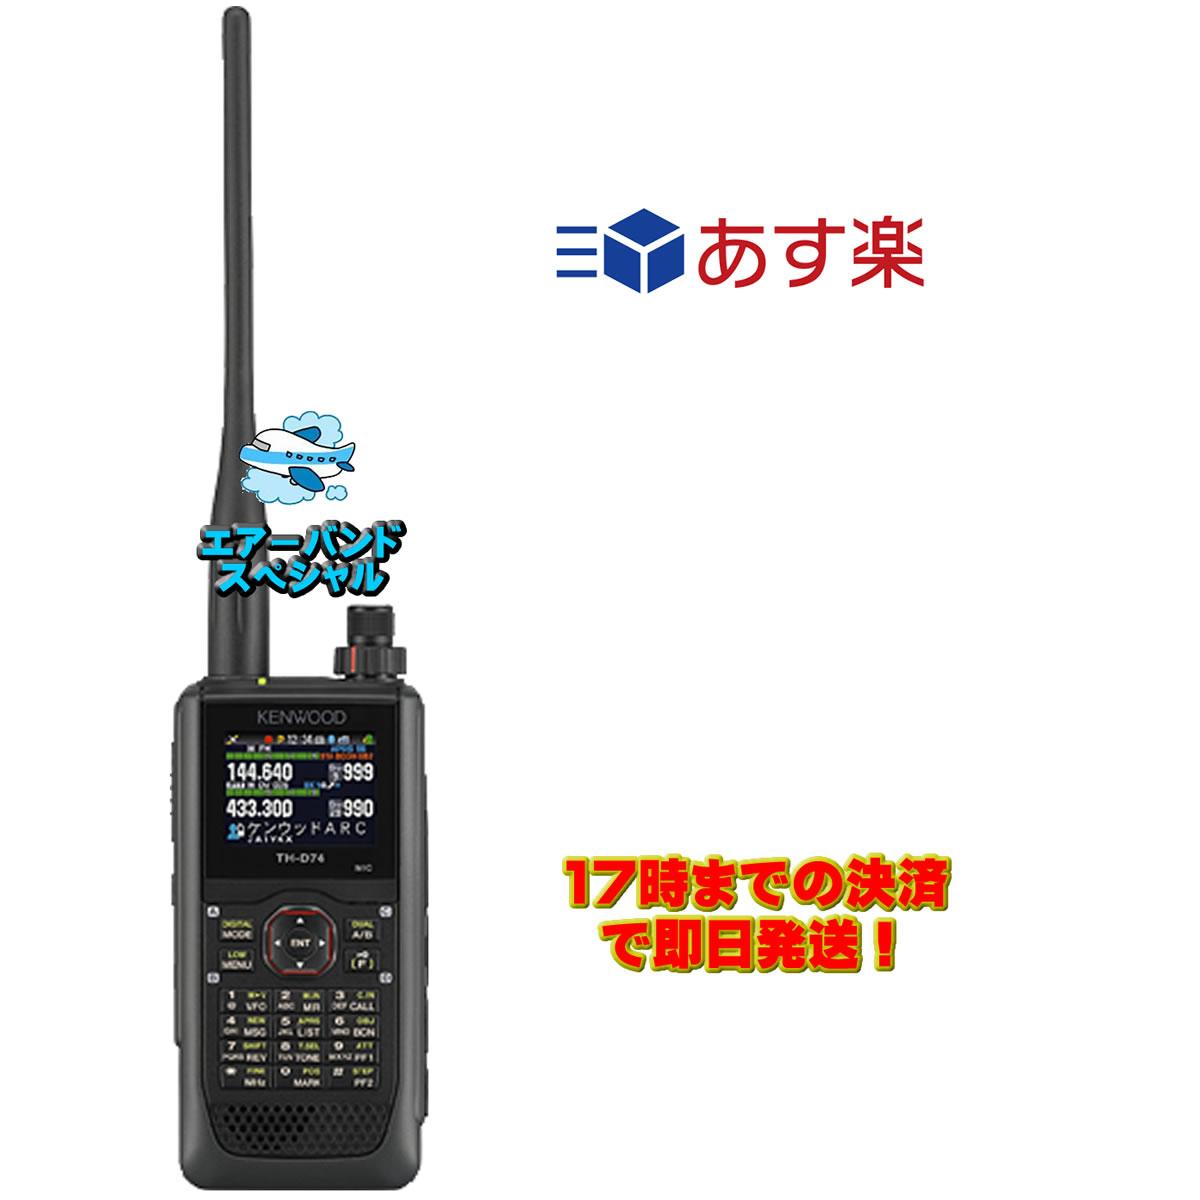 TH-D74 エアーバンドスペシャル ケンウッド 144/430MHz デュアルバンダー